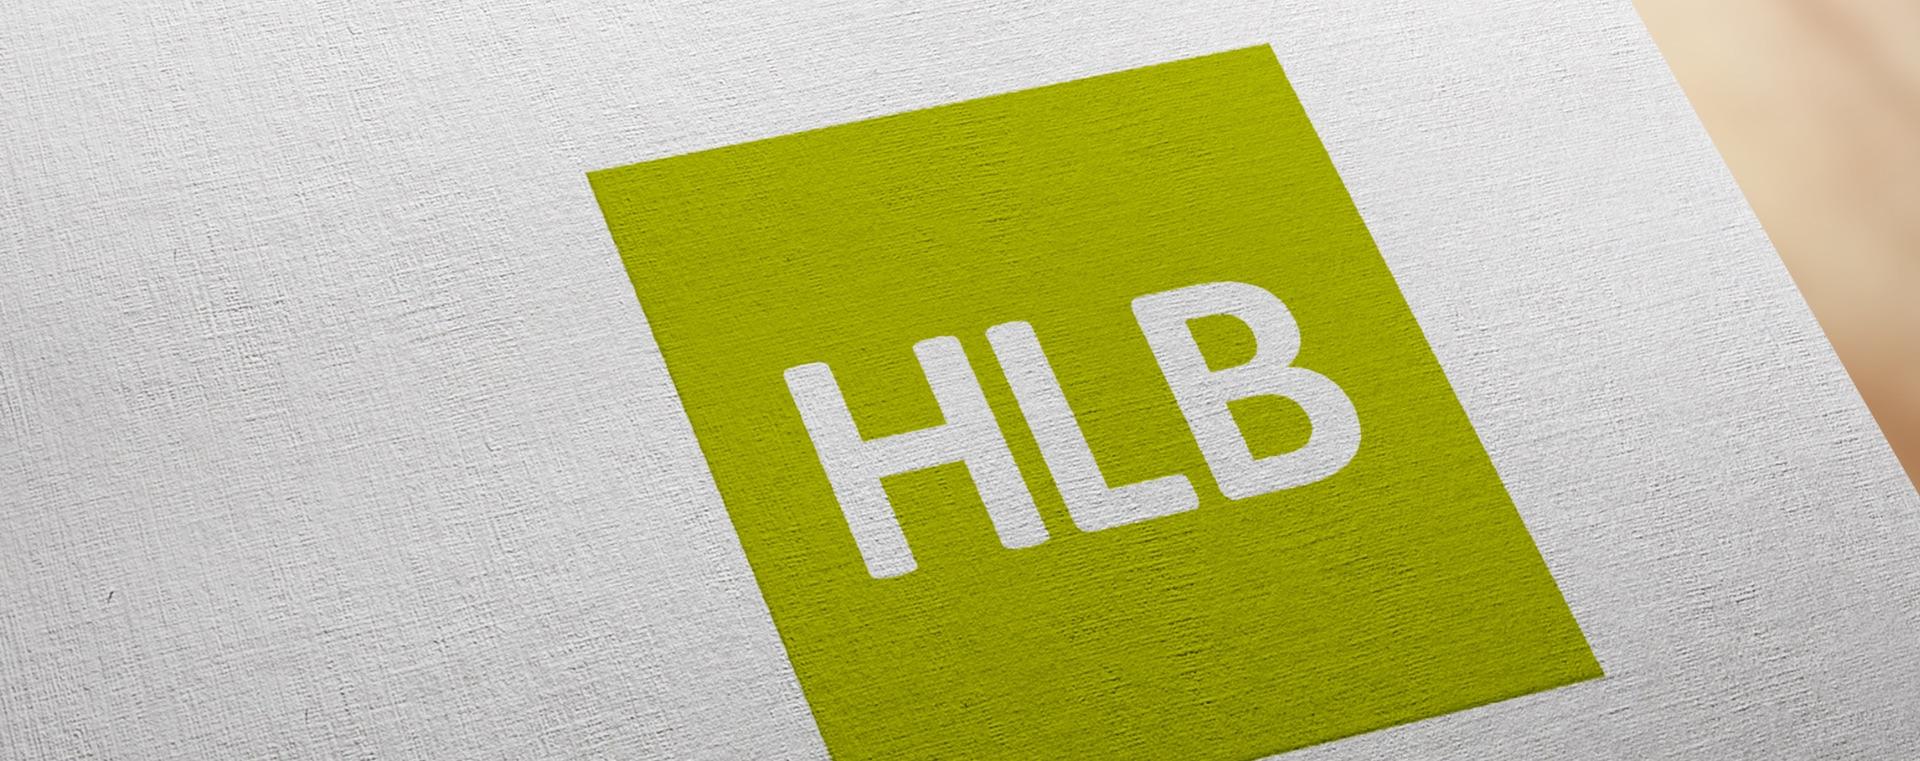 HLB Logo on paper